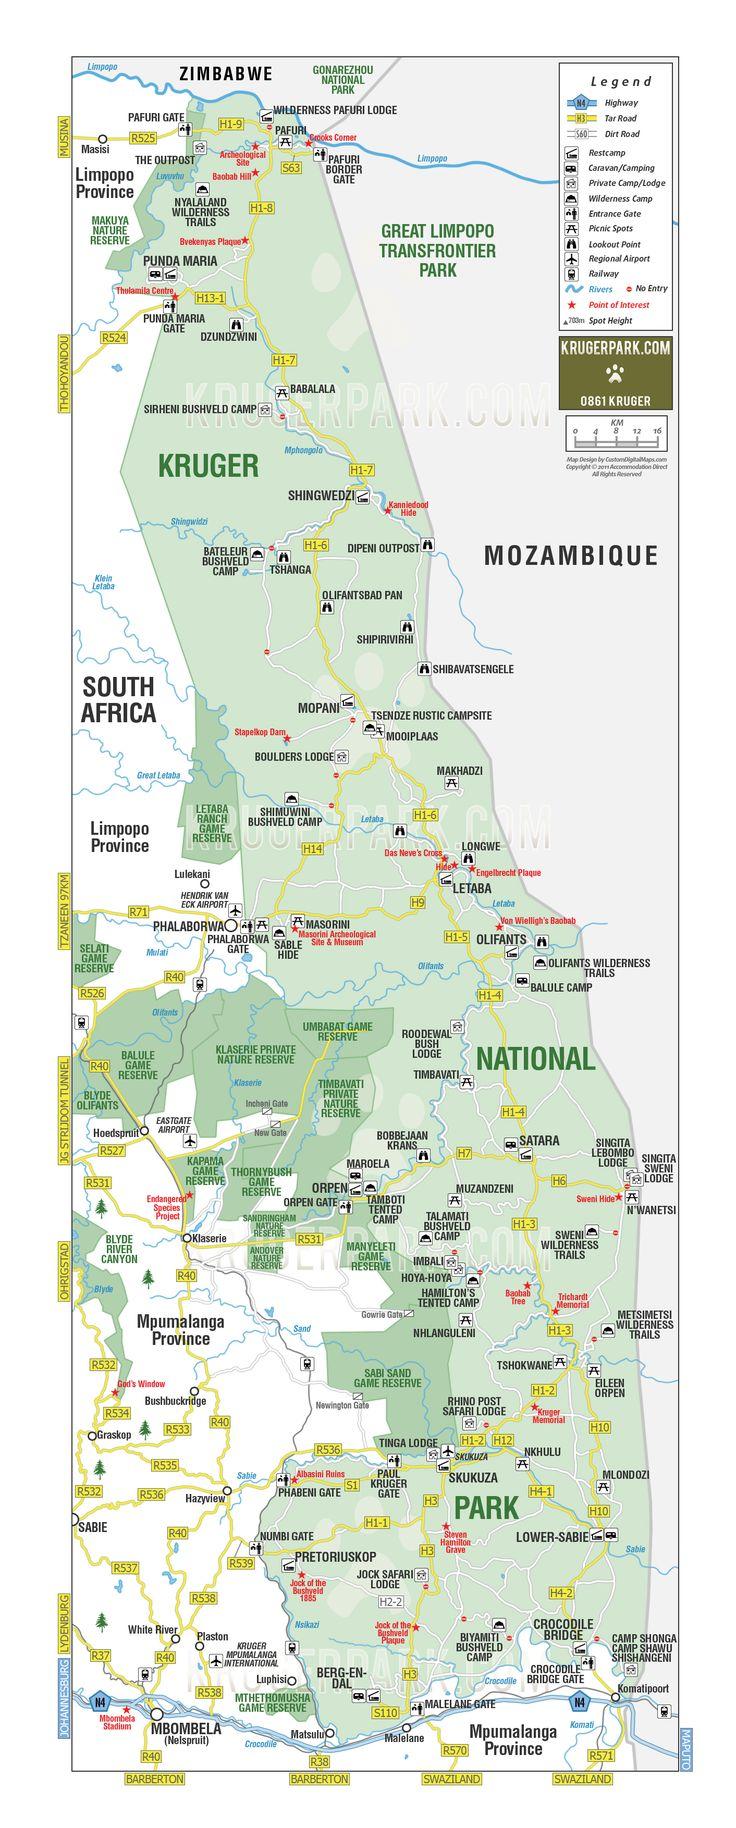 Northern section of Kruger National Park, South Africa.Skuskuza rest camp by Paul Kruger Gate